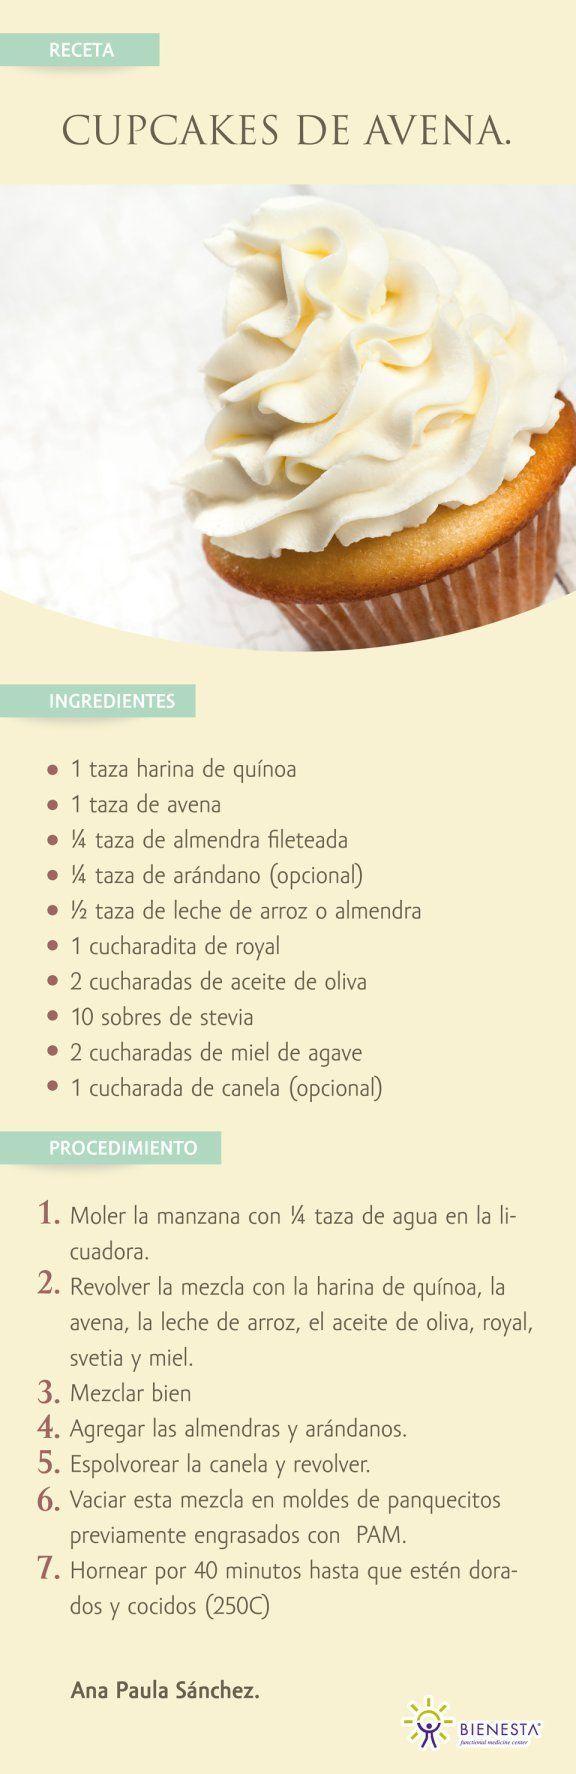 CUPCAKES DE AVENA Bienesta: